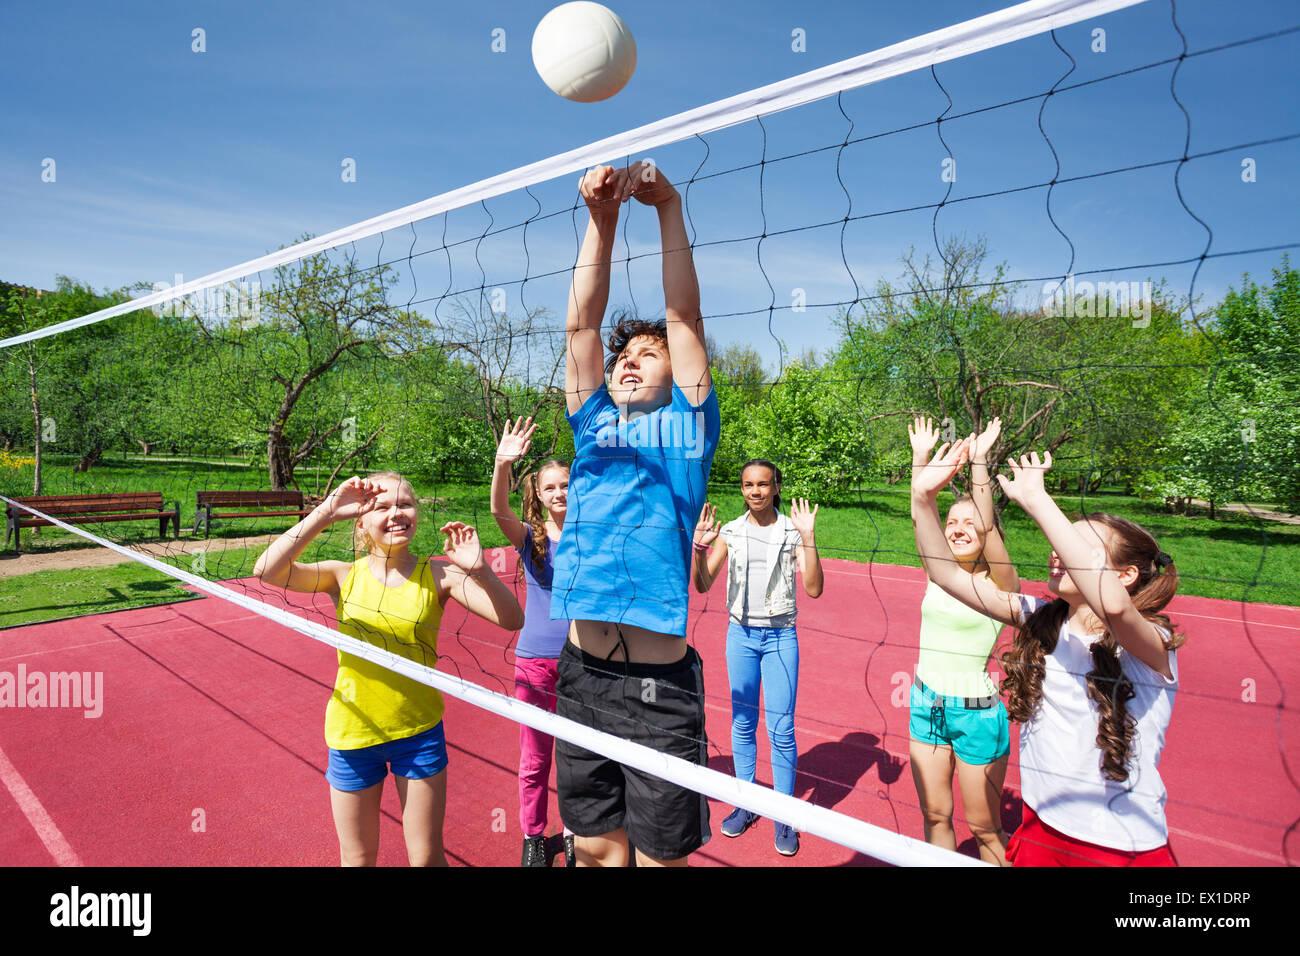 Los adolescentes son todas con brazos arriba jugar voleibol Imagen De Stock